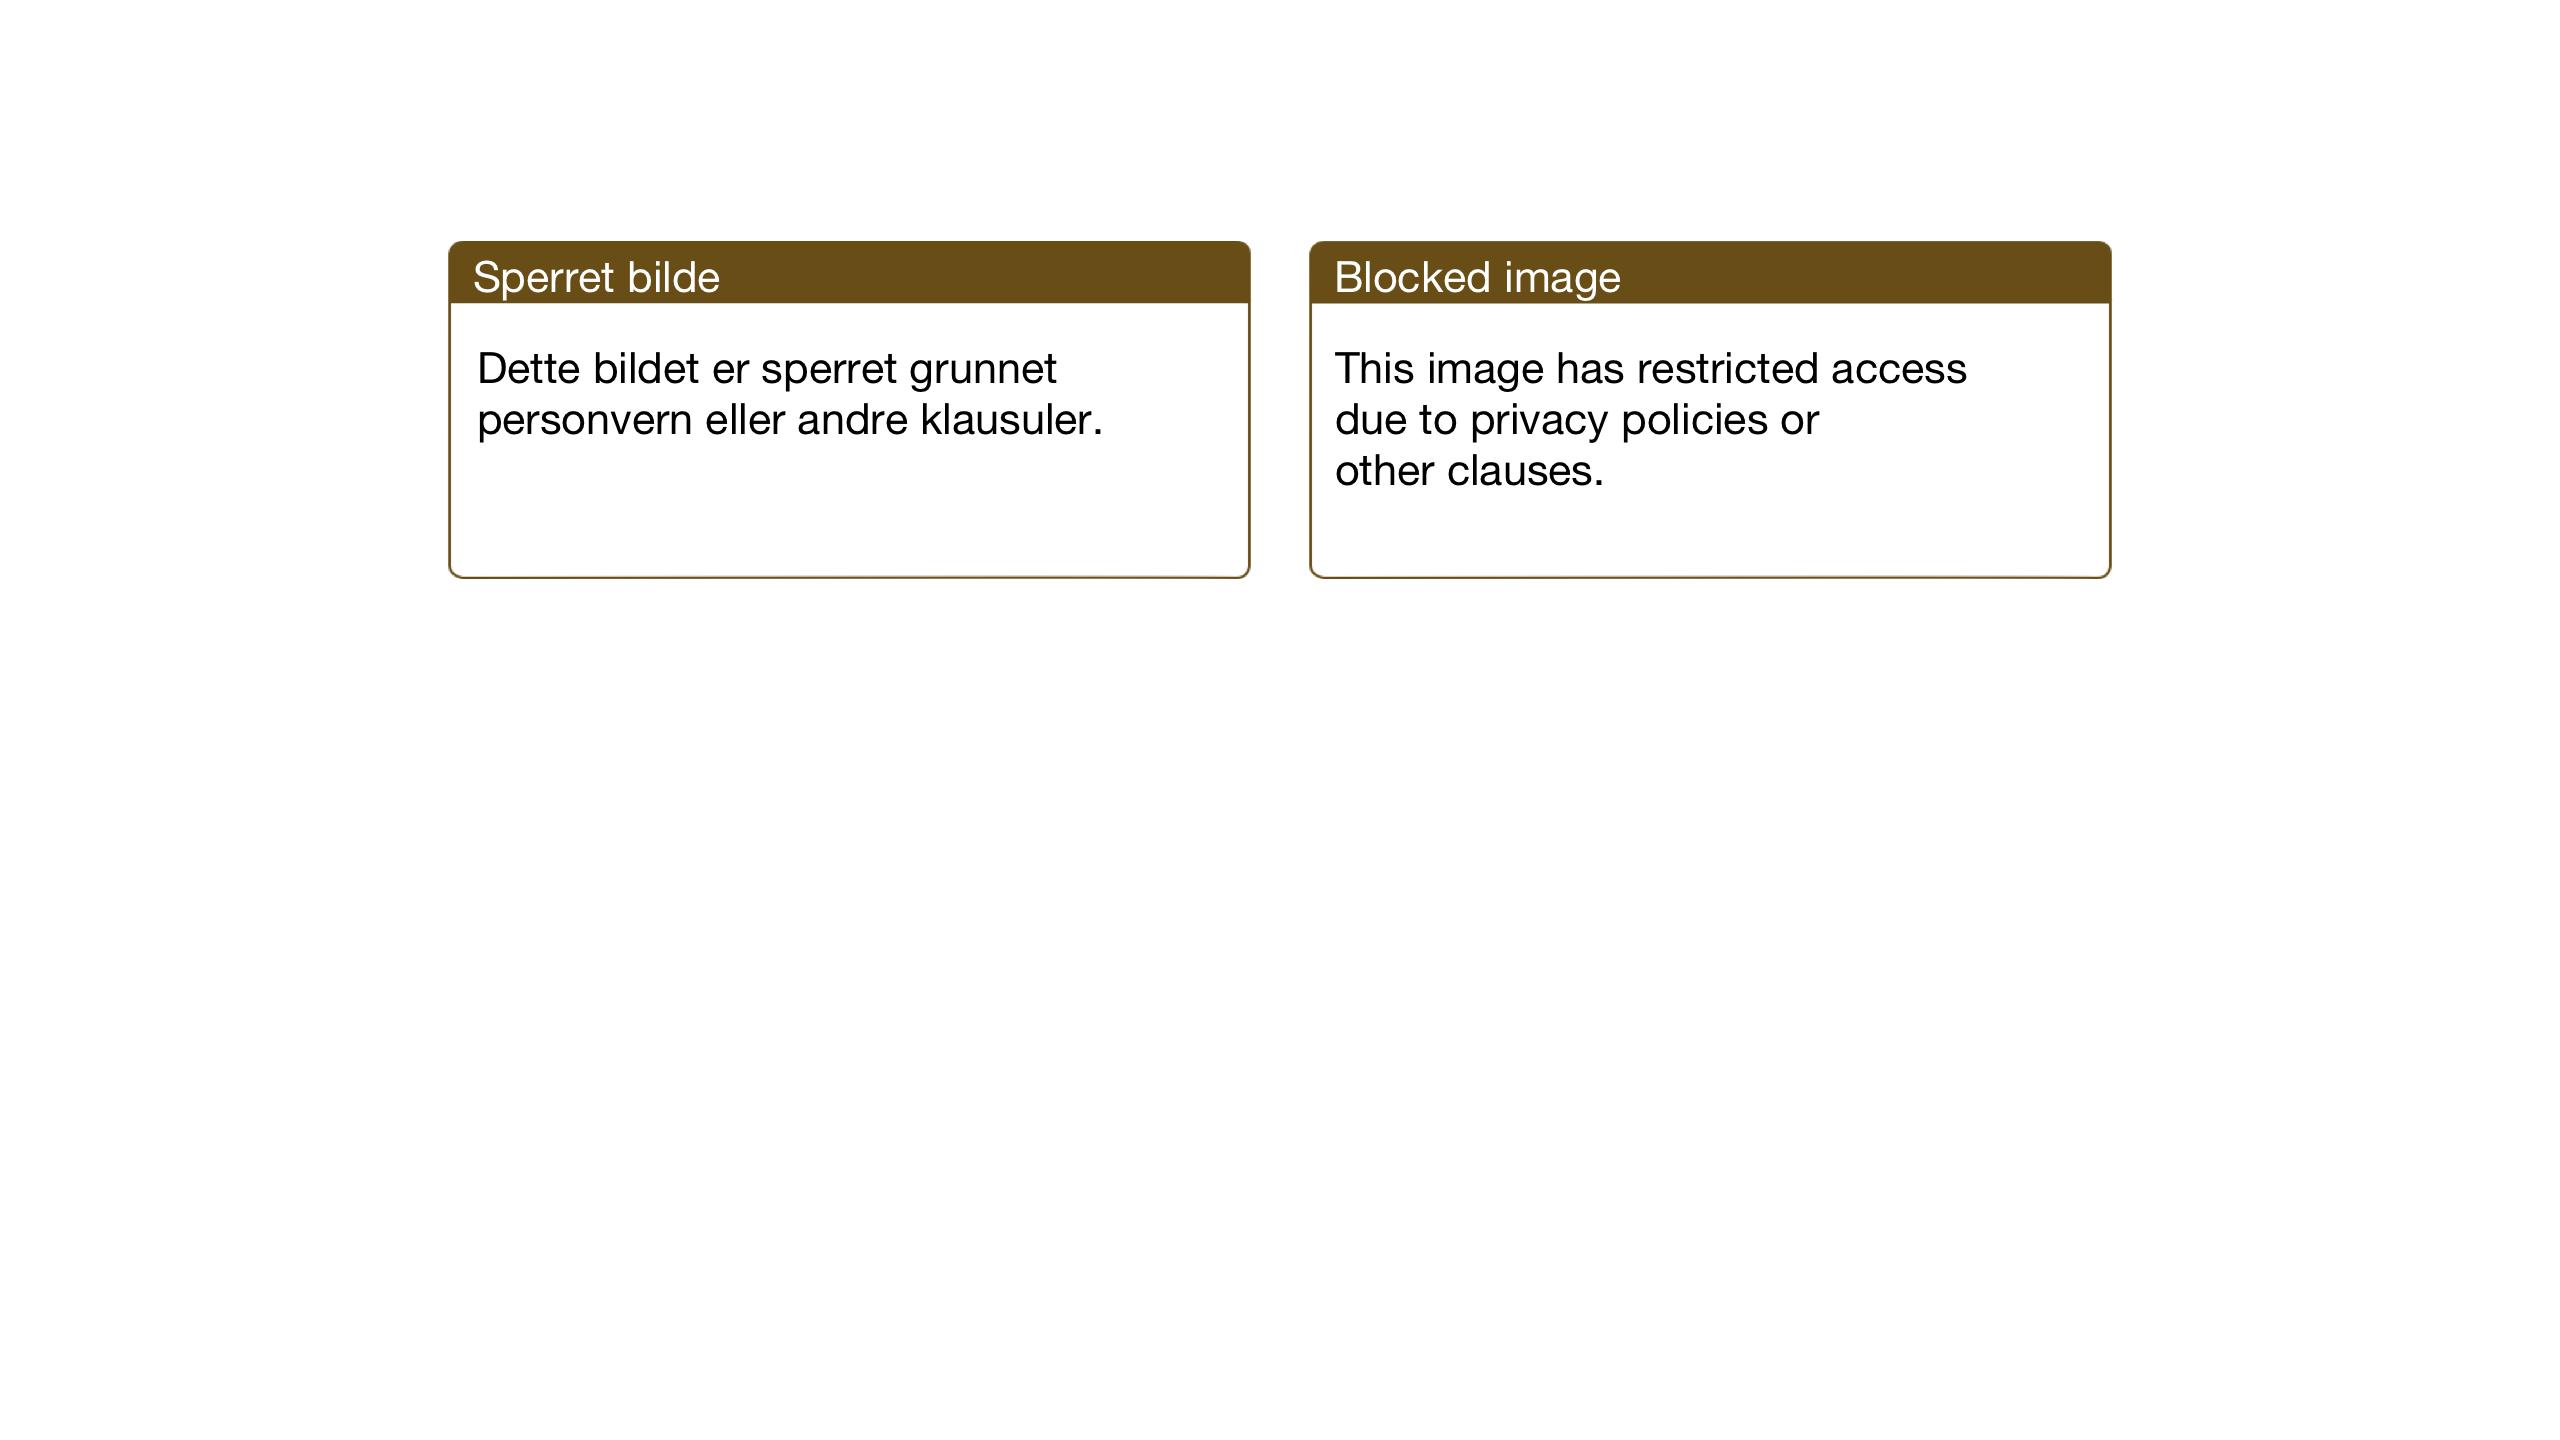 SAT, Ministerialprotokoller, klokkerbøker og fødselsregistre - Sør-Trøndelag, 668/L0820: Klokkerbok nr. 668C09, 1912-1936, s. 155